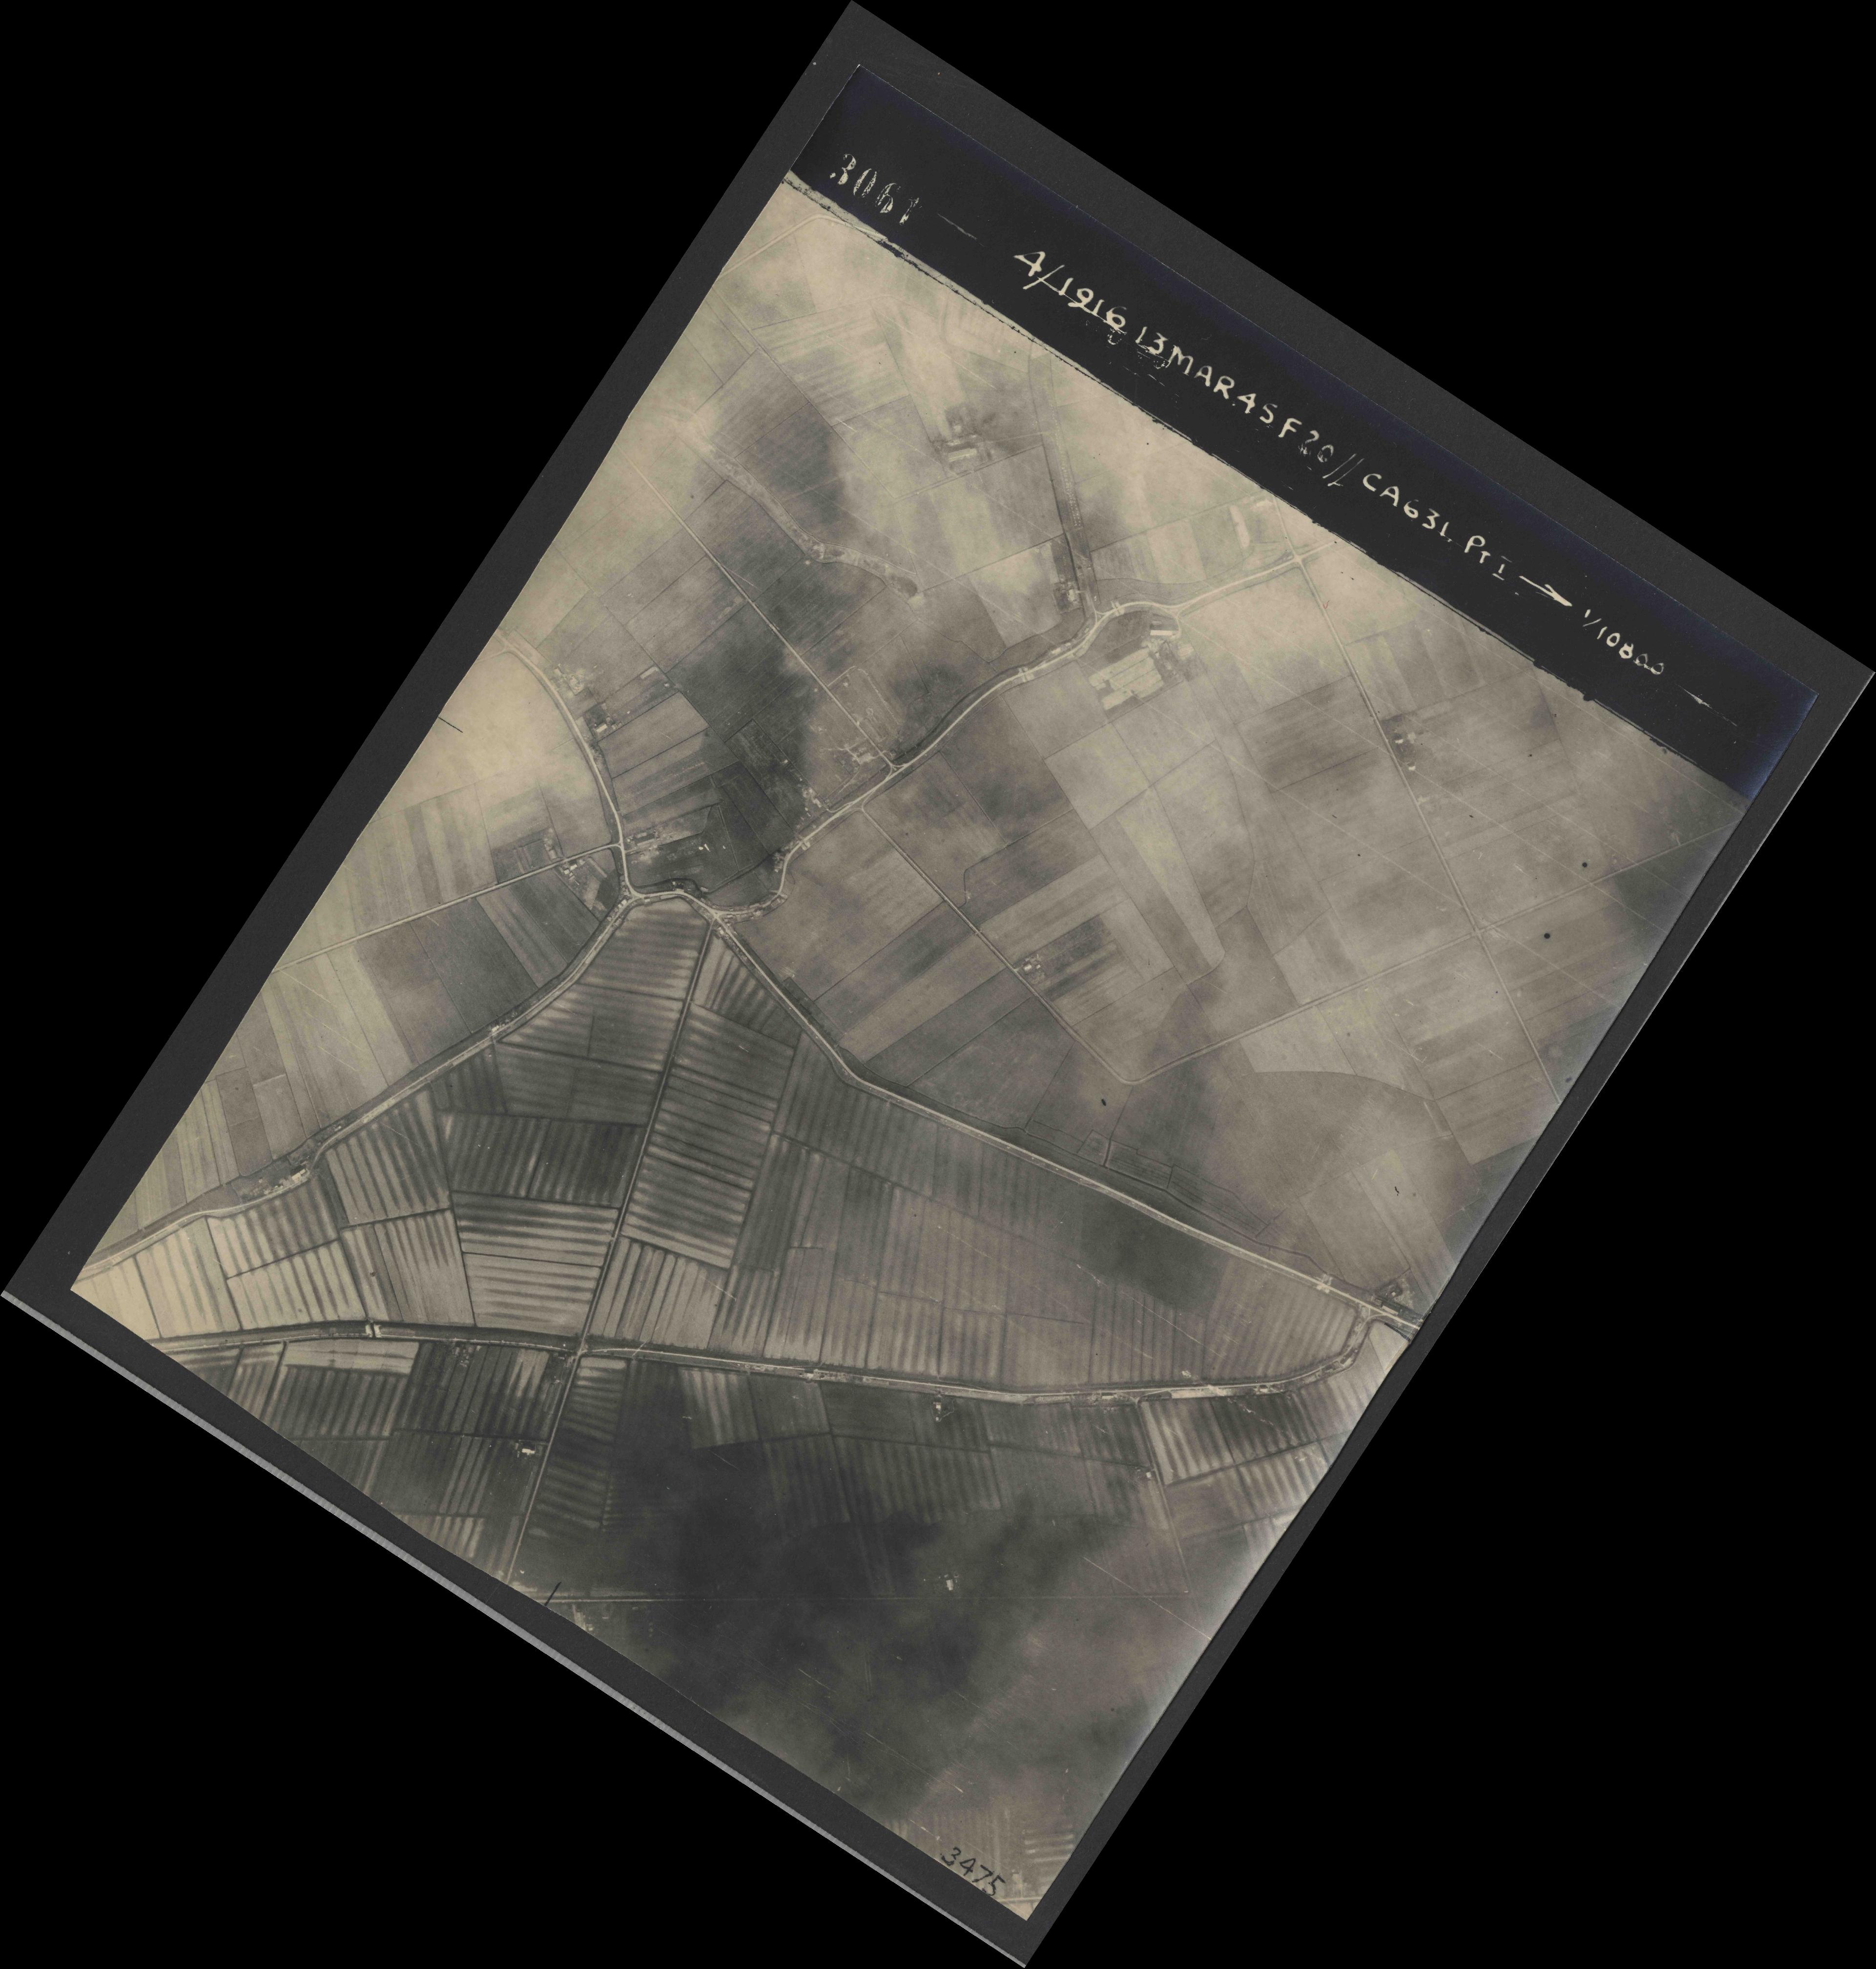 Collection RAF aerial photos 1940-1945 - flight 085, run 01, photo 3061